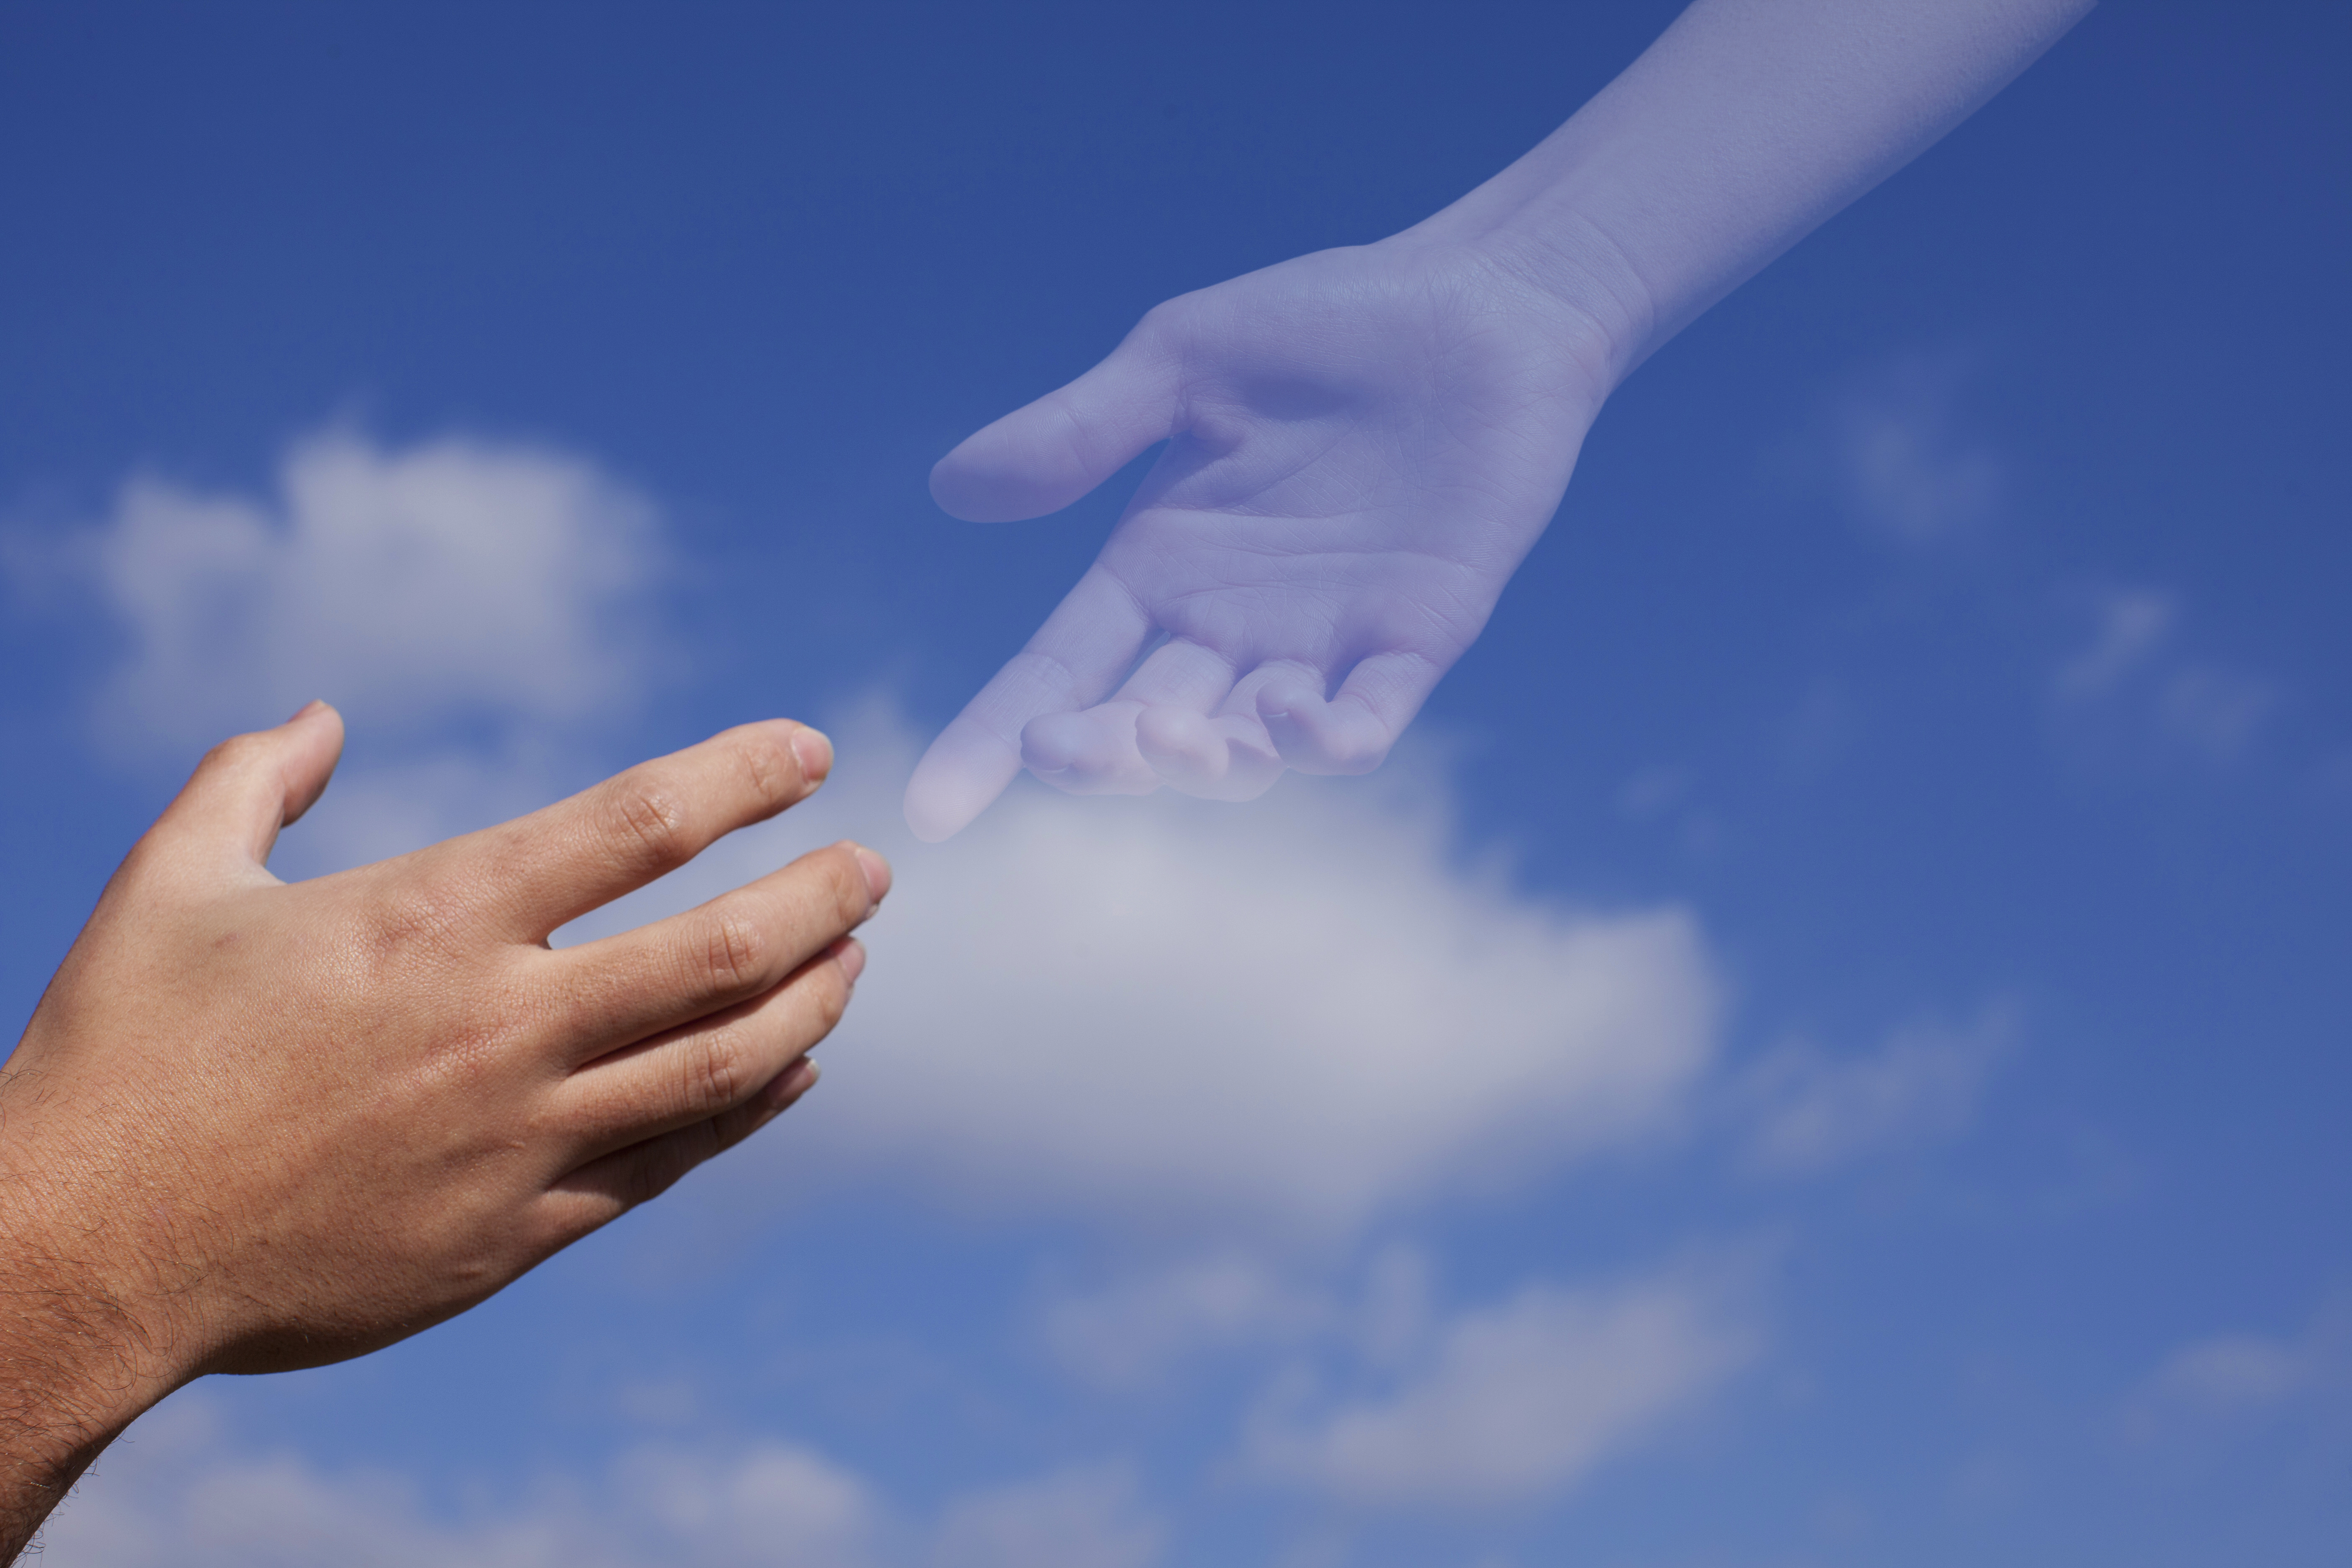 訃報とは?訃報の意味と出すタイミングや伝え方についてご紹介しますのサムネイル画像